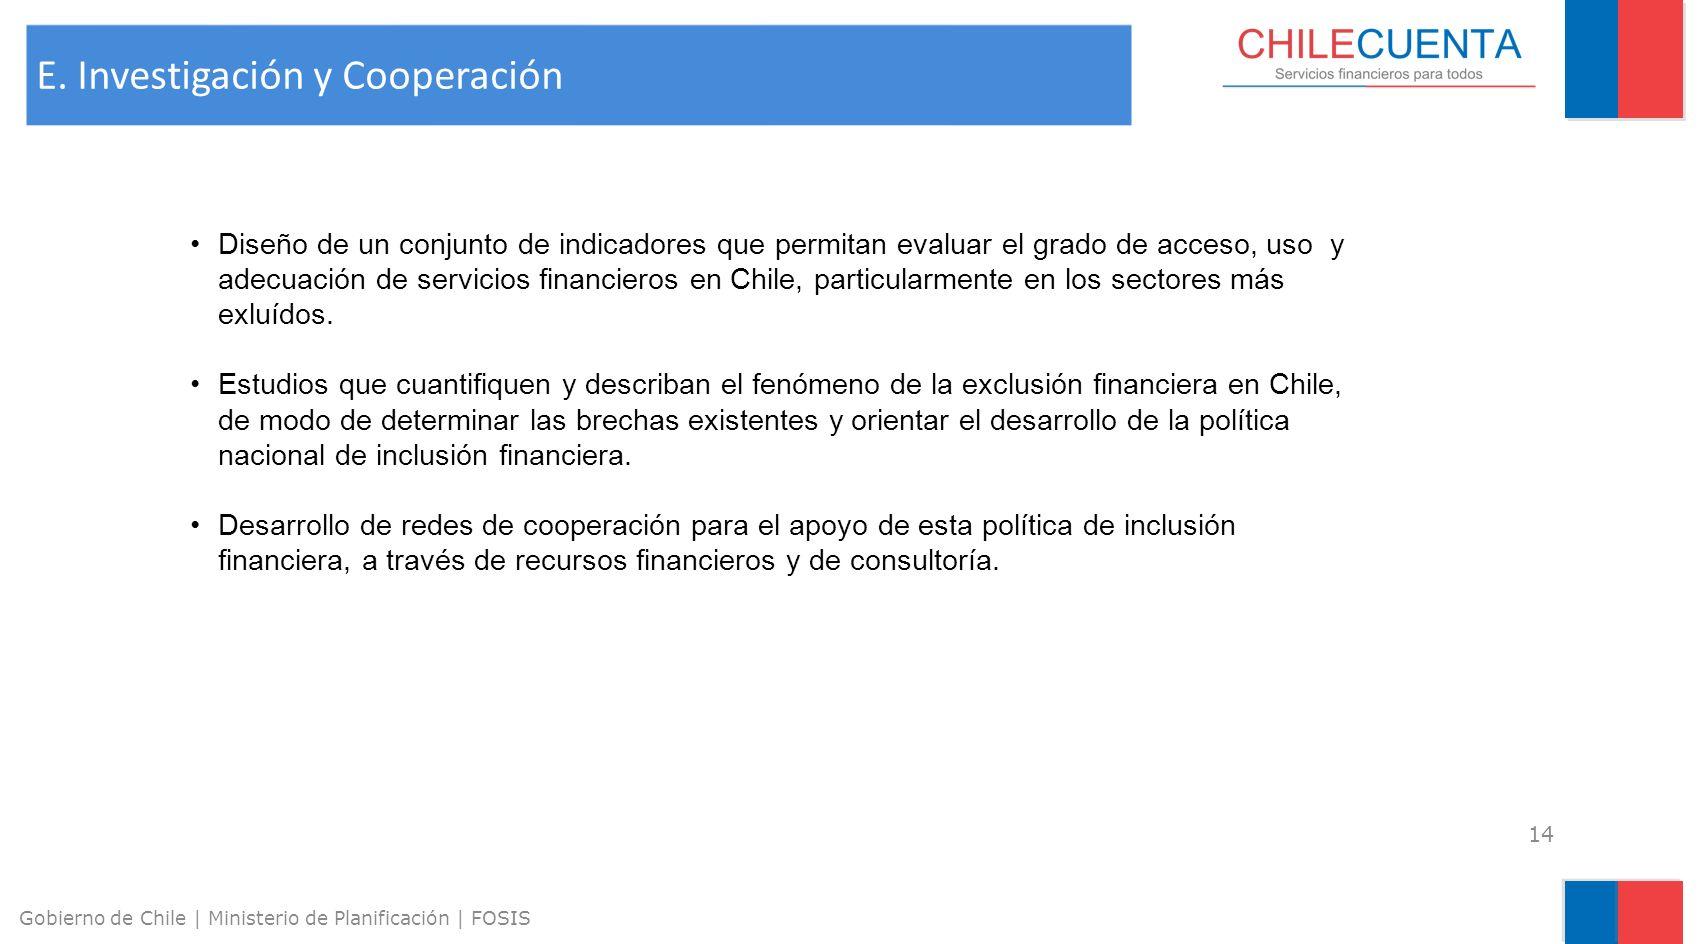 14 Gobierno de Chile | Ministerio de Planificación | FOSIS E. Investigación y Cooperación Diseño de un conjunto de indicadores que permitan evaluar el